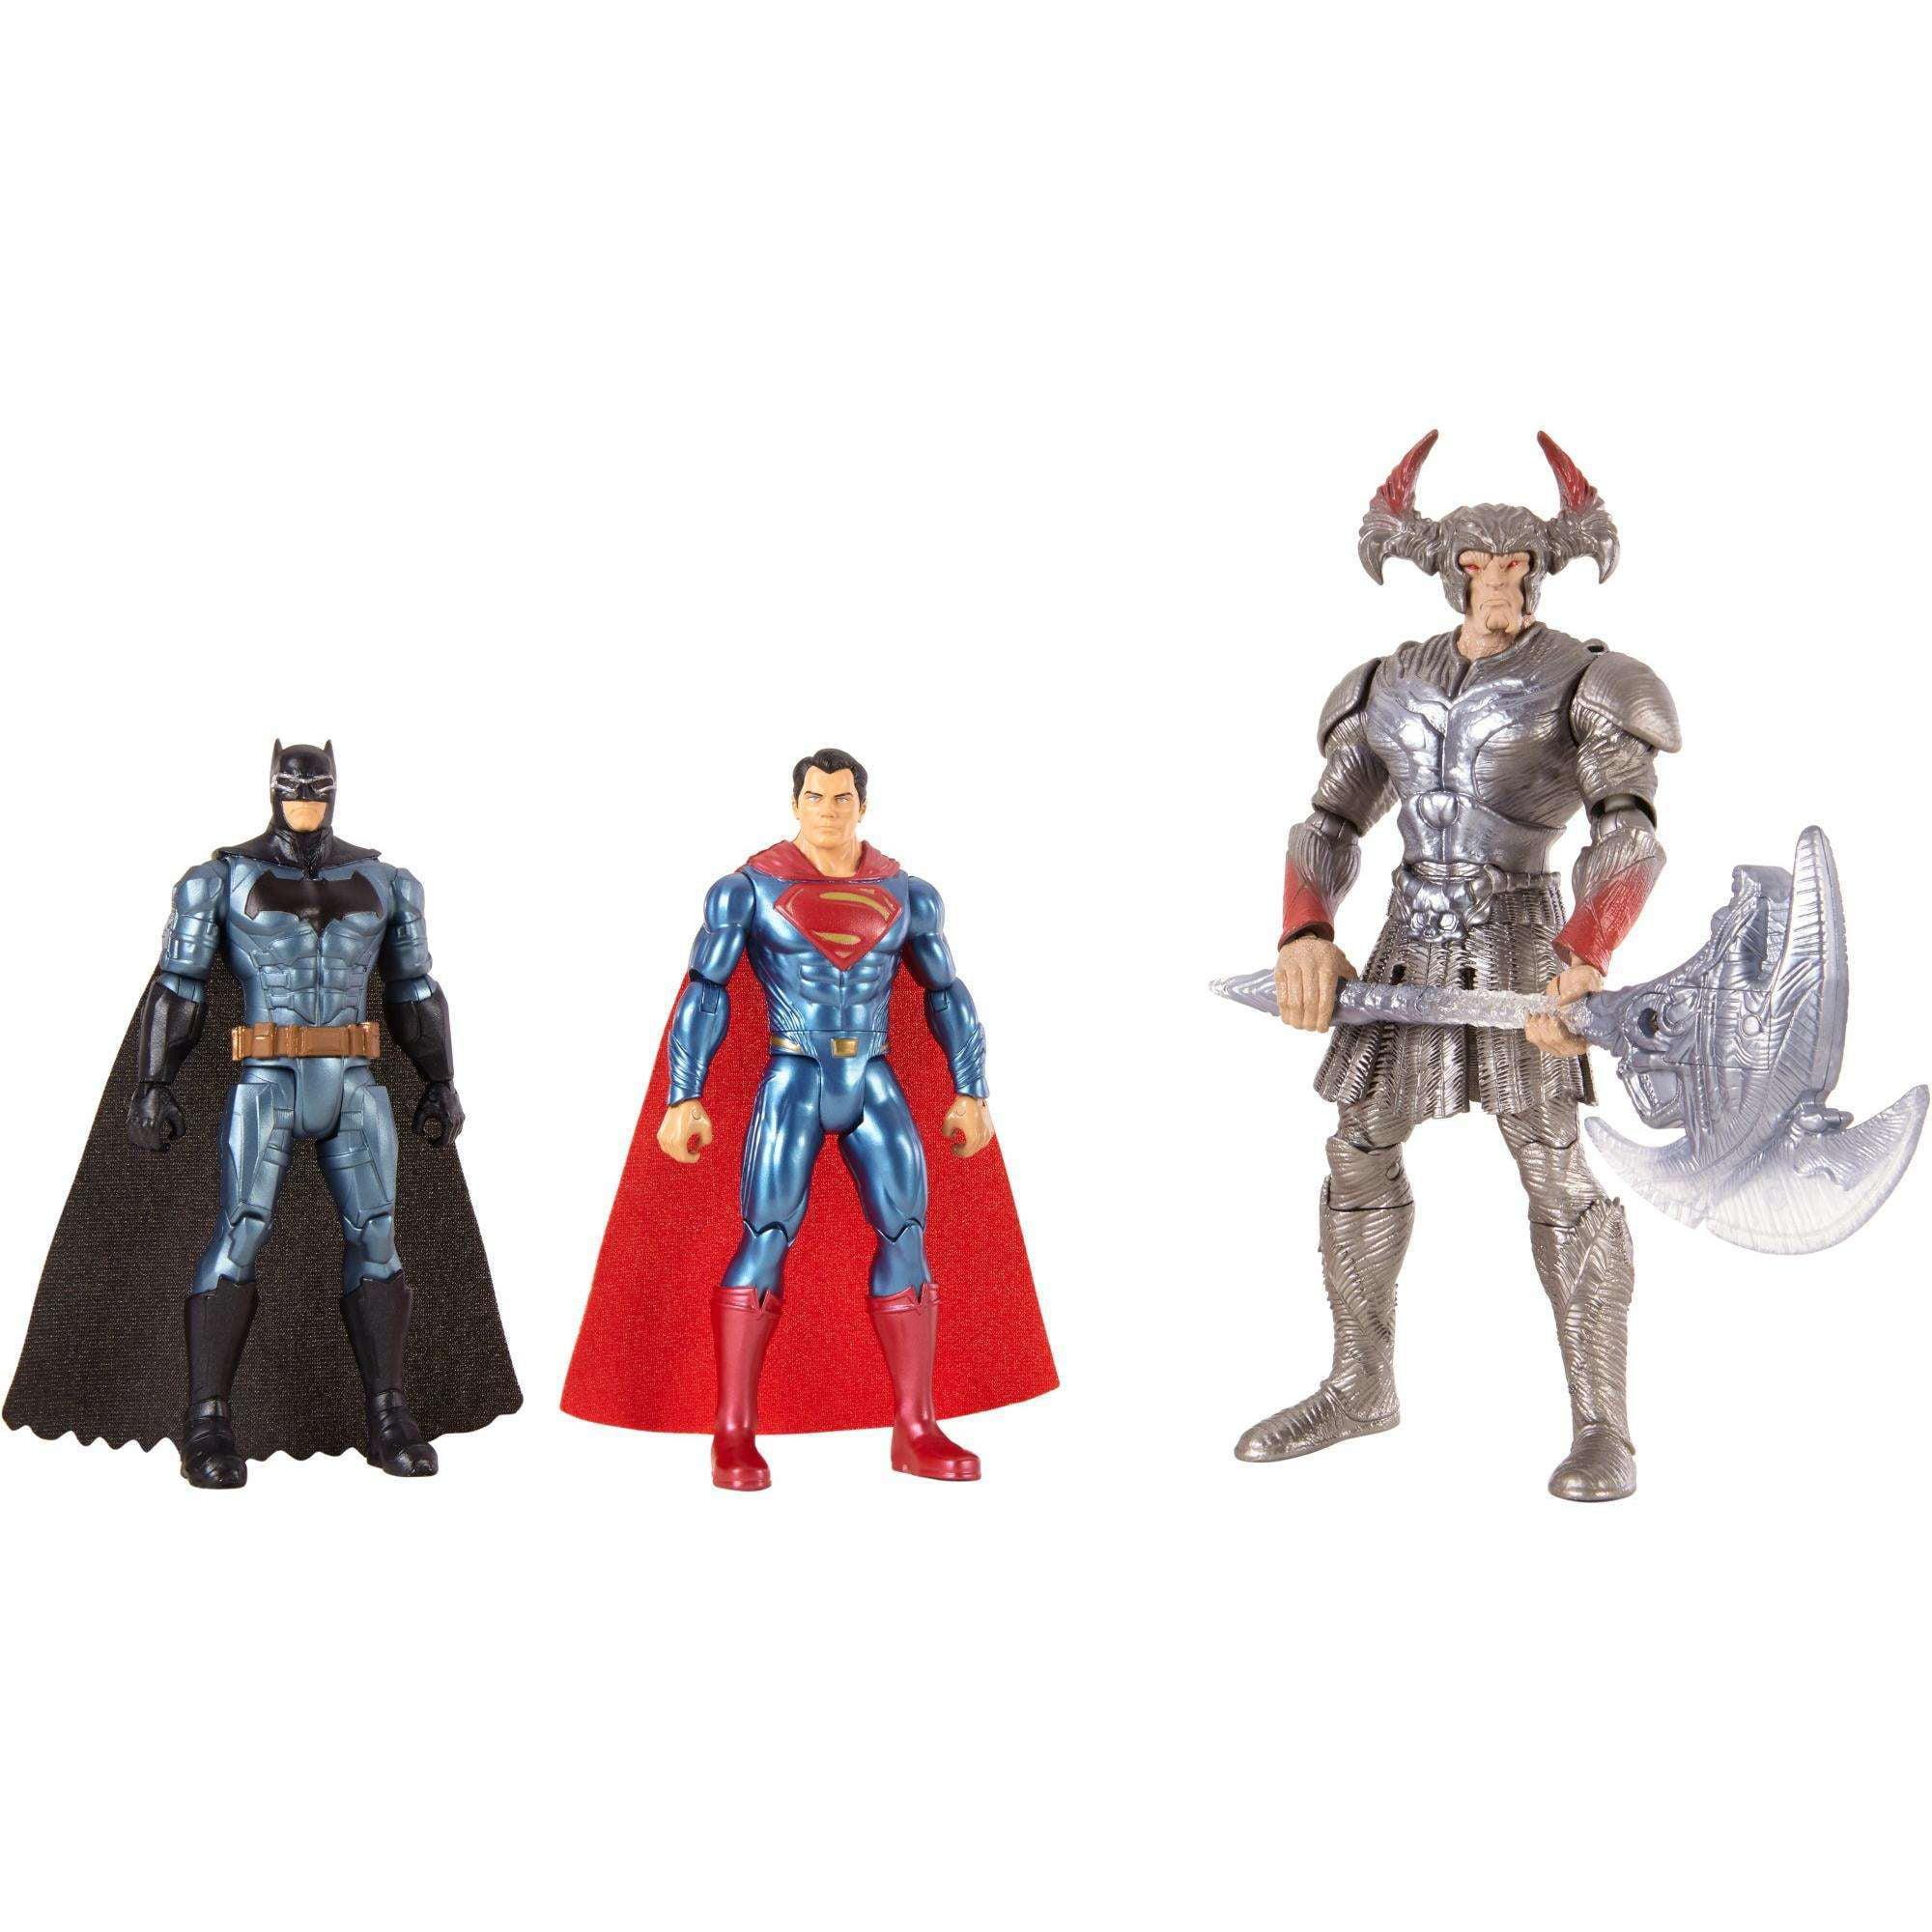 DC Justice League Batman, Steppenwolf, Superman 3-Pack Figures by MATTEL INC.